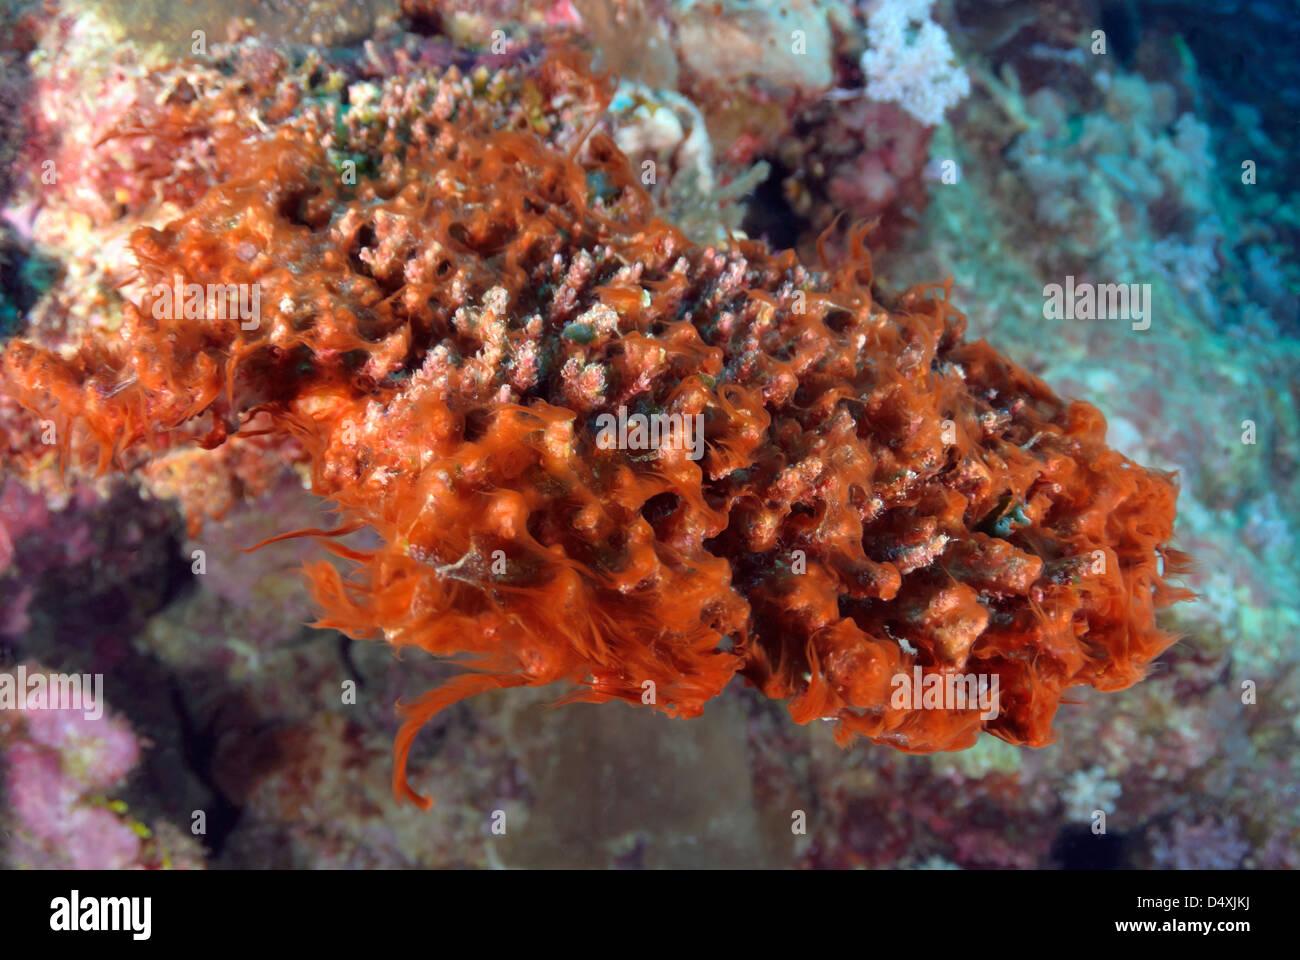 Red Slime Algae Cyanobacteria damaging the Great Barrier Reef, Coral Sea, Pacific Ocean, Queensland, Australia - Stock Image